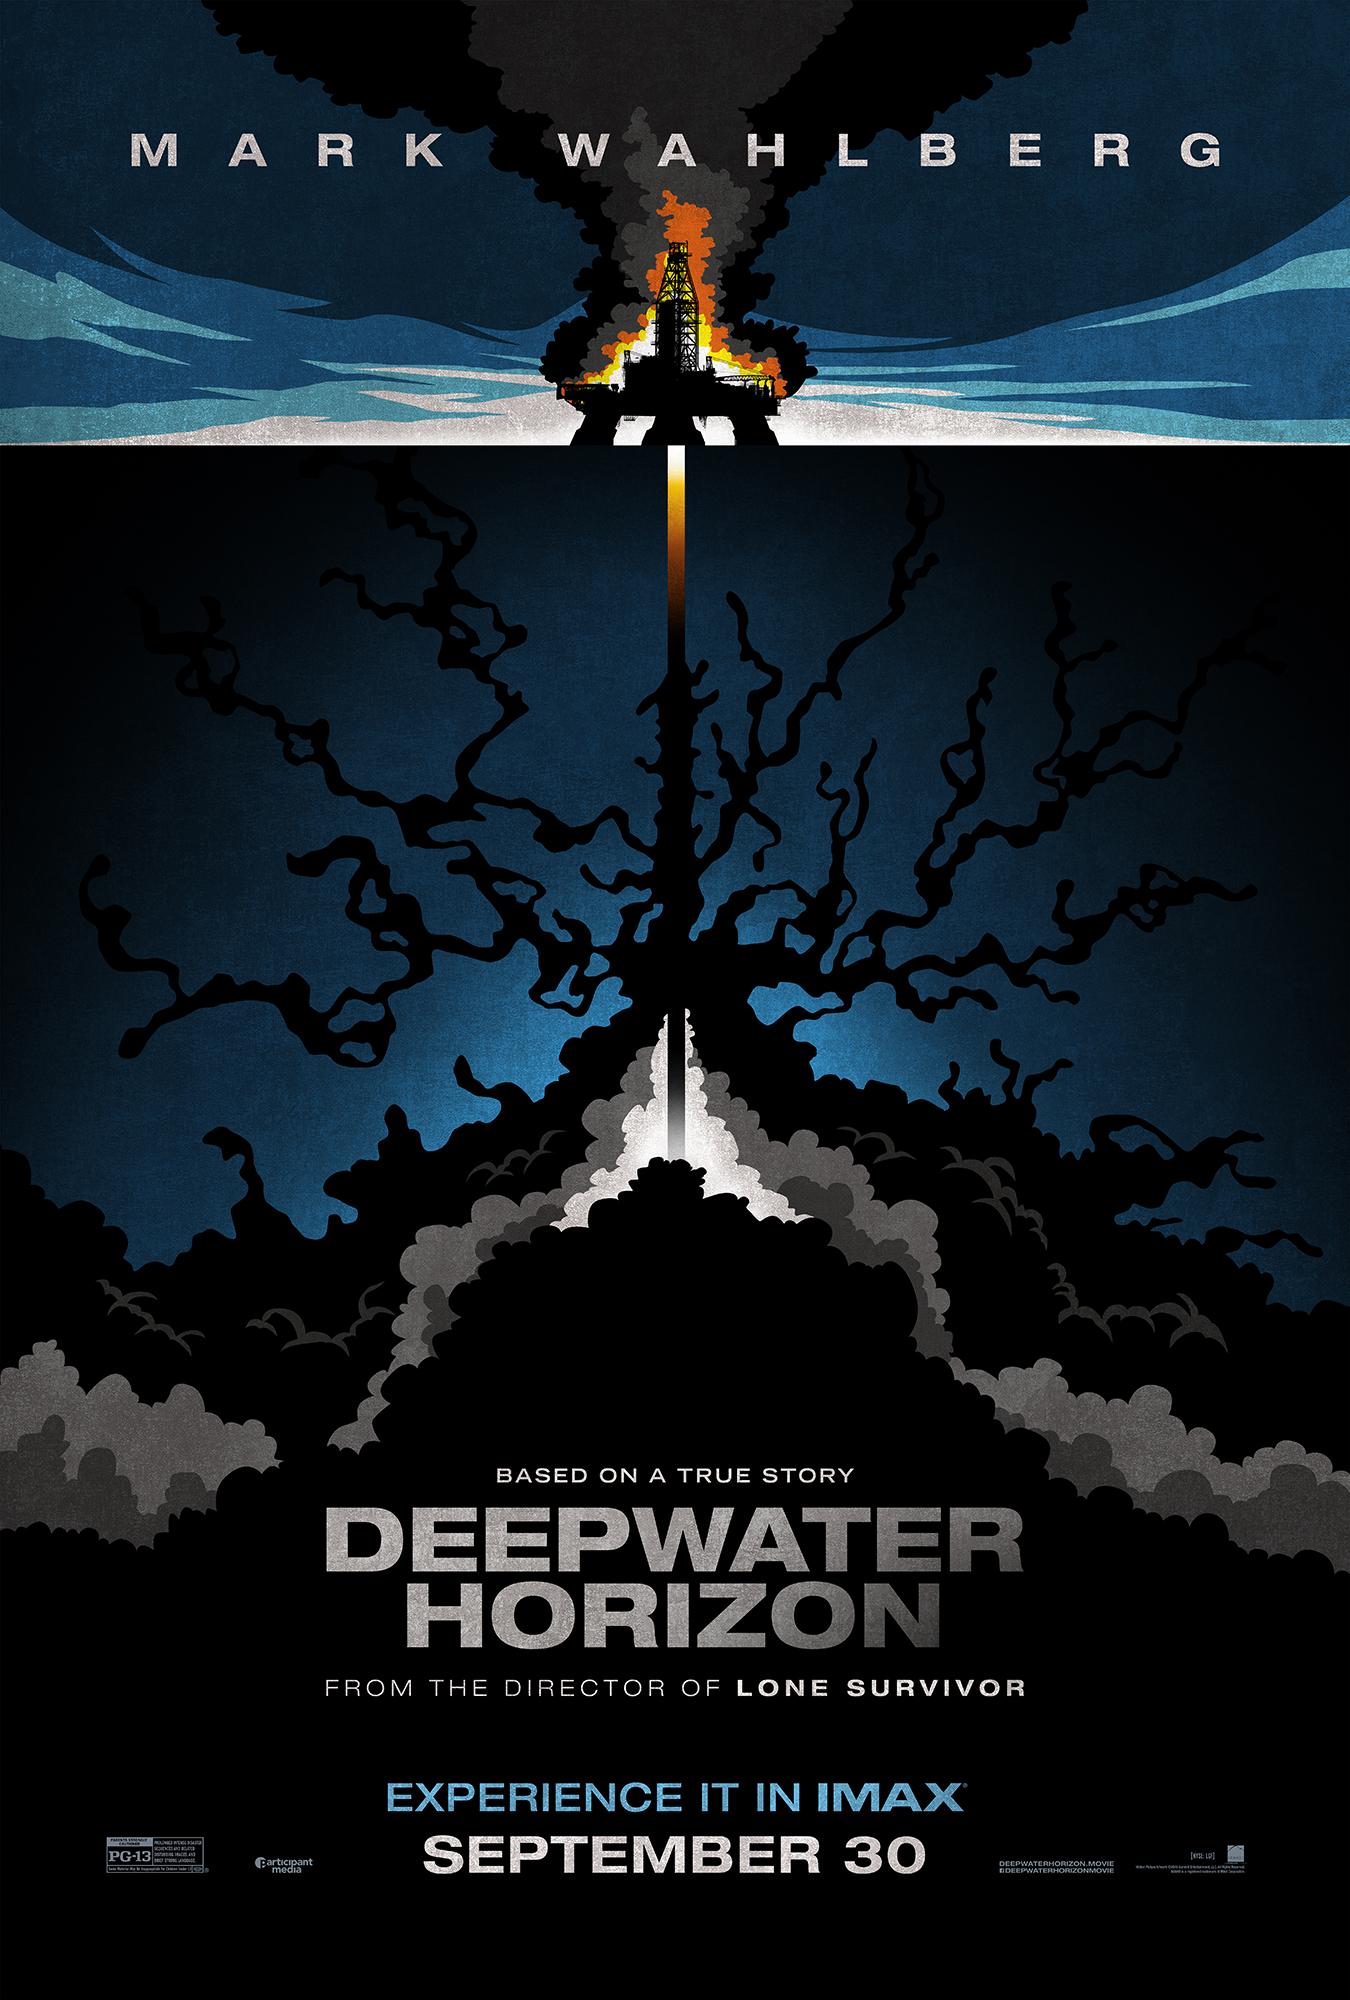 DeepwaterHorizon_1Sht_IMAX_Trim_100dpi.jpg